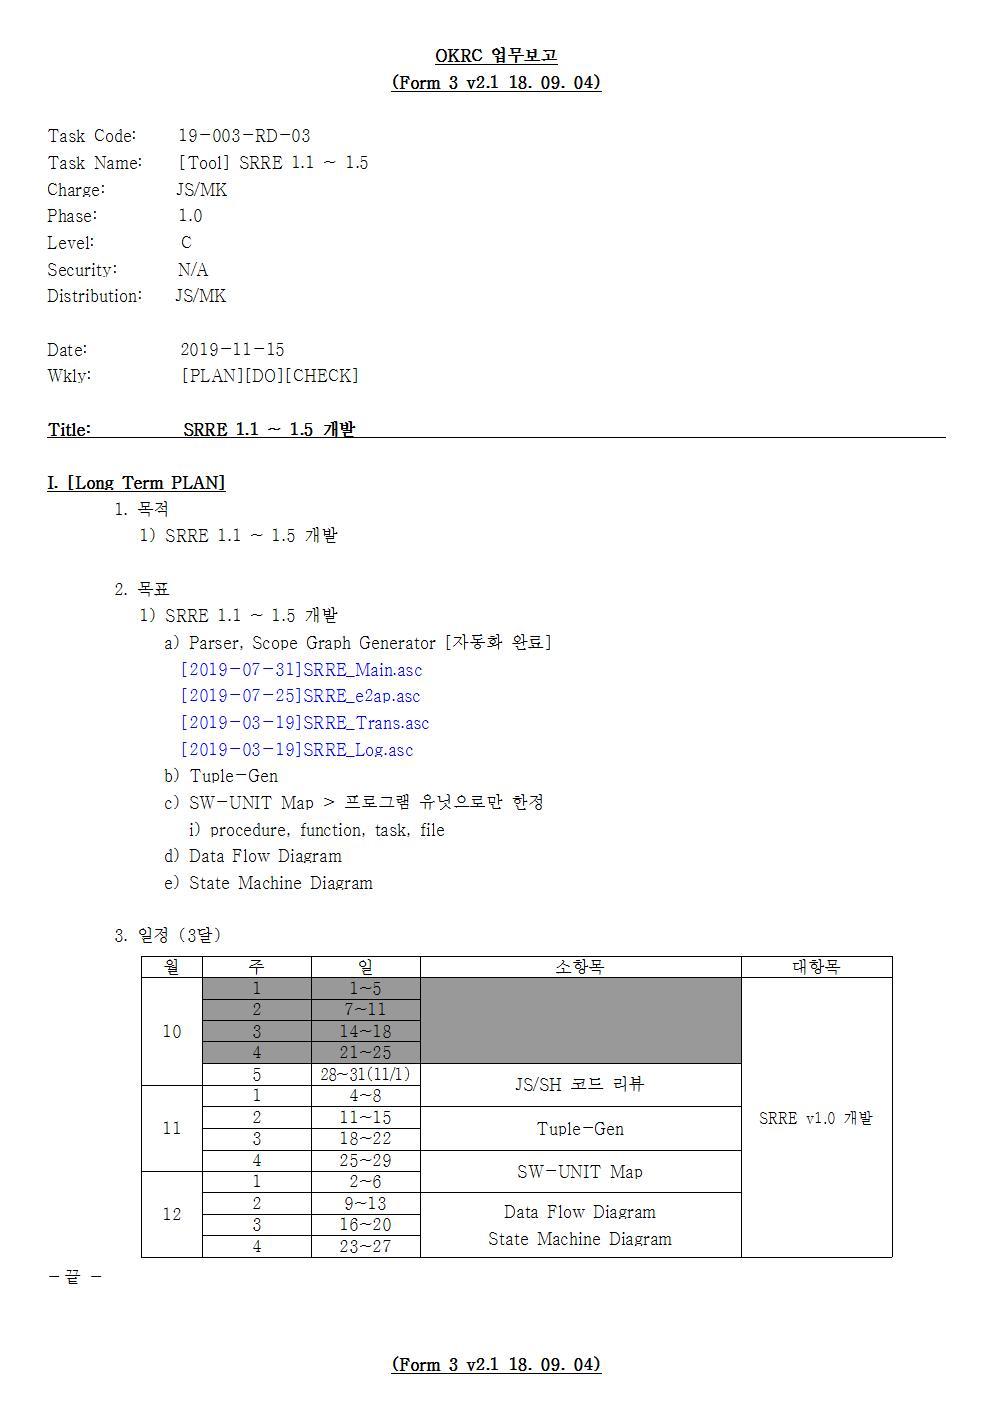 D-[19-003-RD-03]-[Tool-SRRE-1.1~1.5]-[2019-11-15][JS]-[19-11-2]-[P+D+C]001.jpg